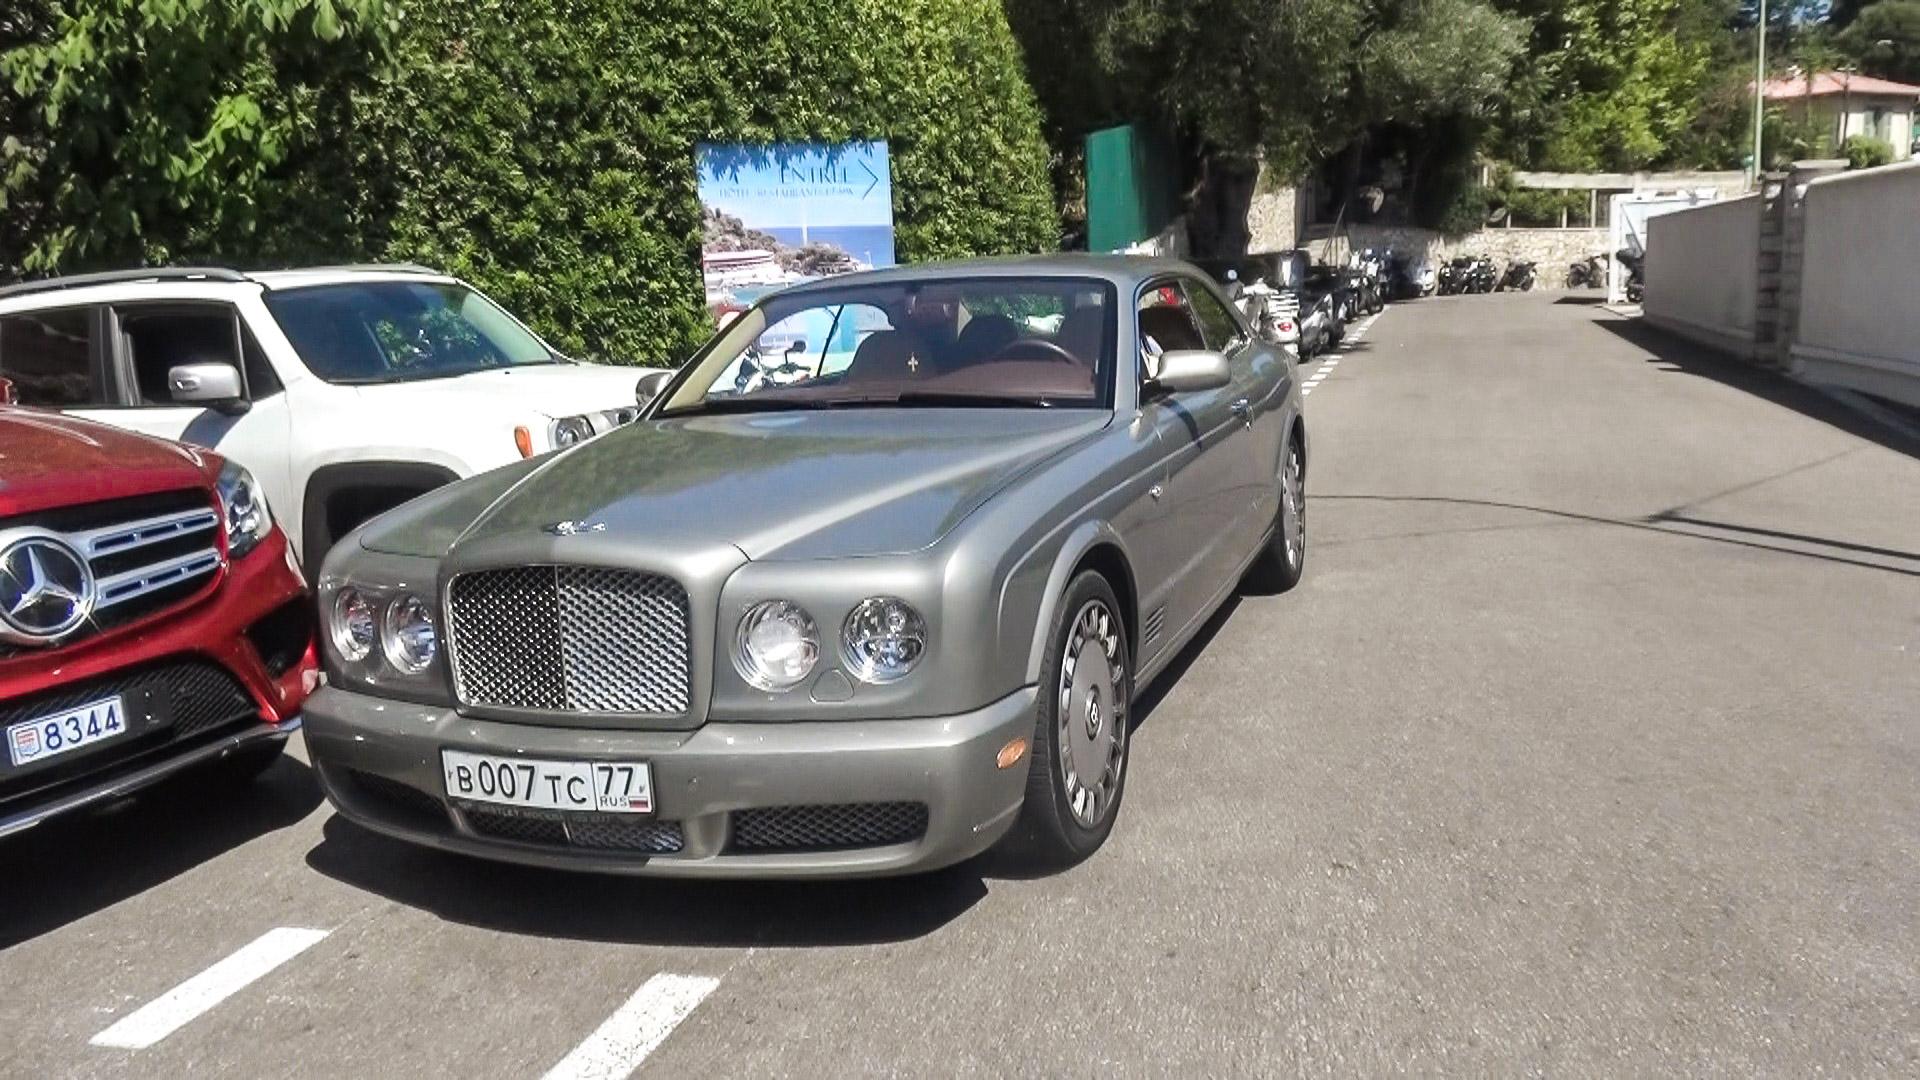 Bentley Continental R - B-007-TC-77 (RUS)